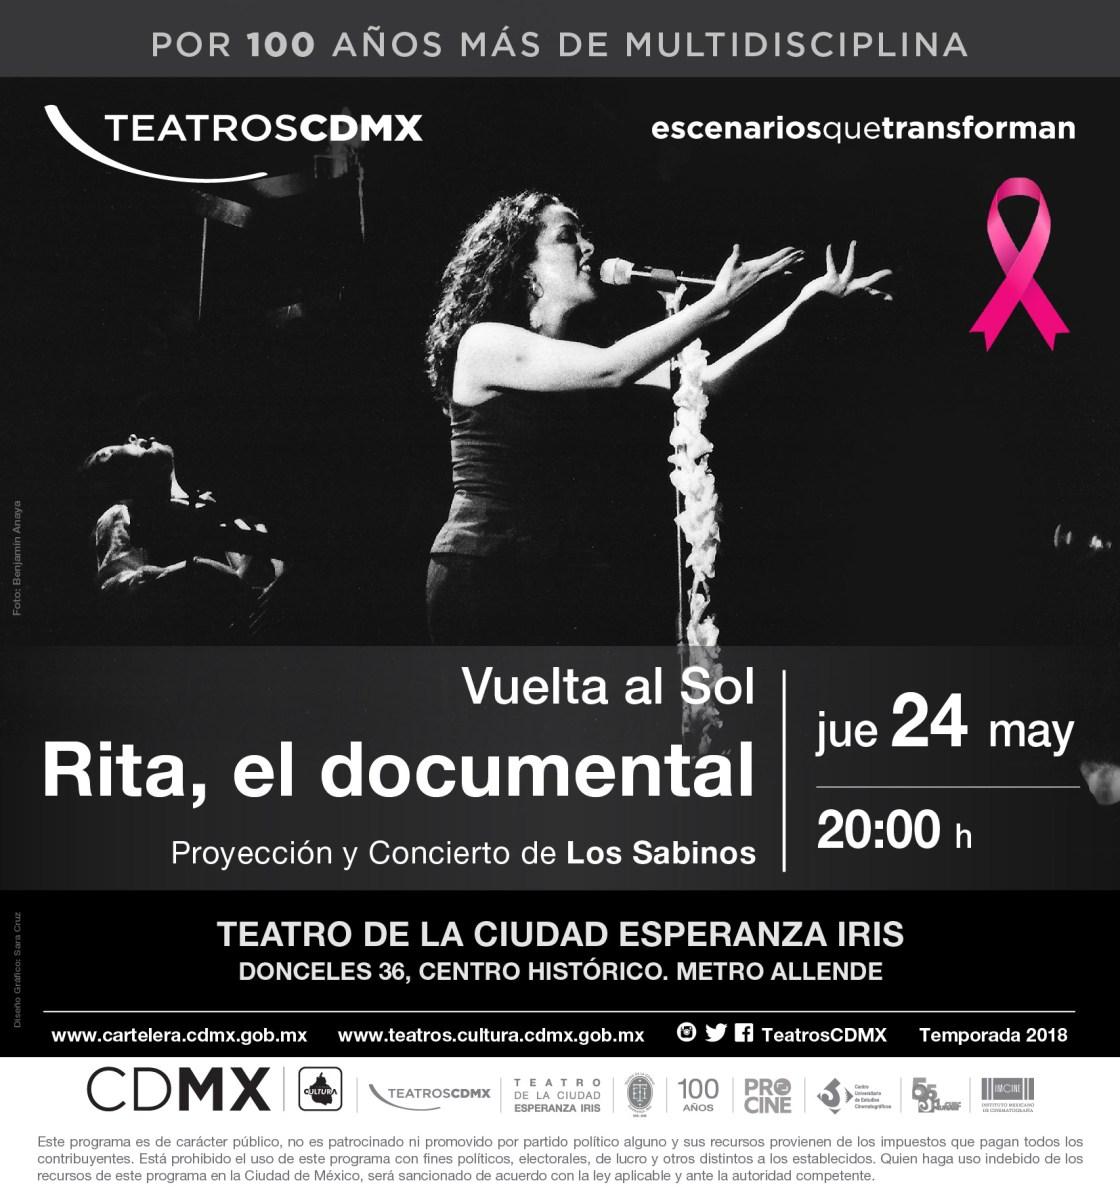 Celebrarán la vida y obra de Rita Guerrero con Vuelta al Sol. Rita, el documental